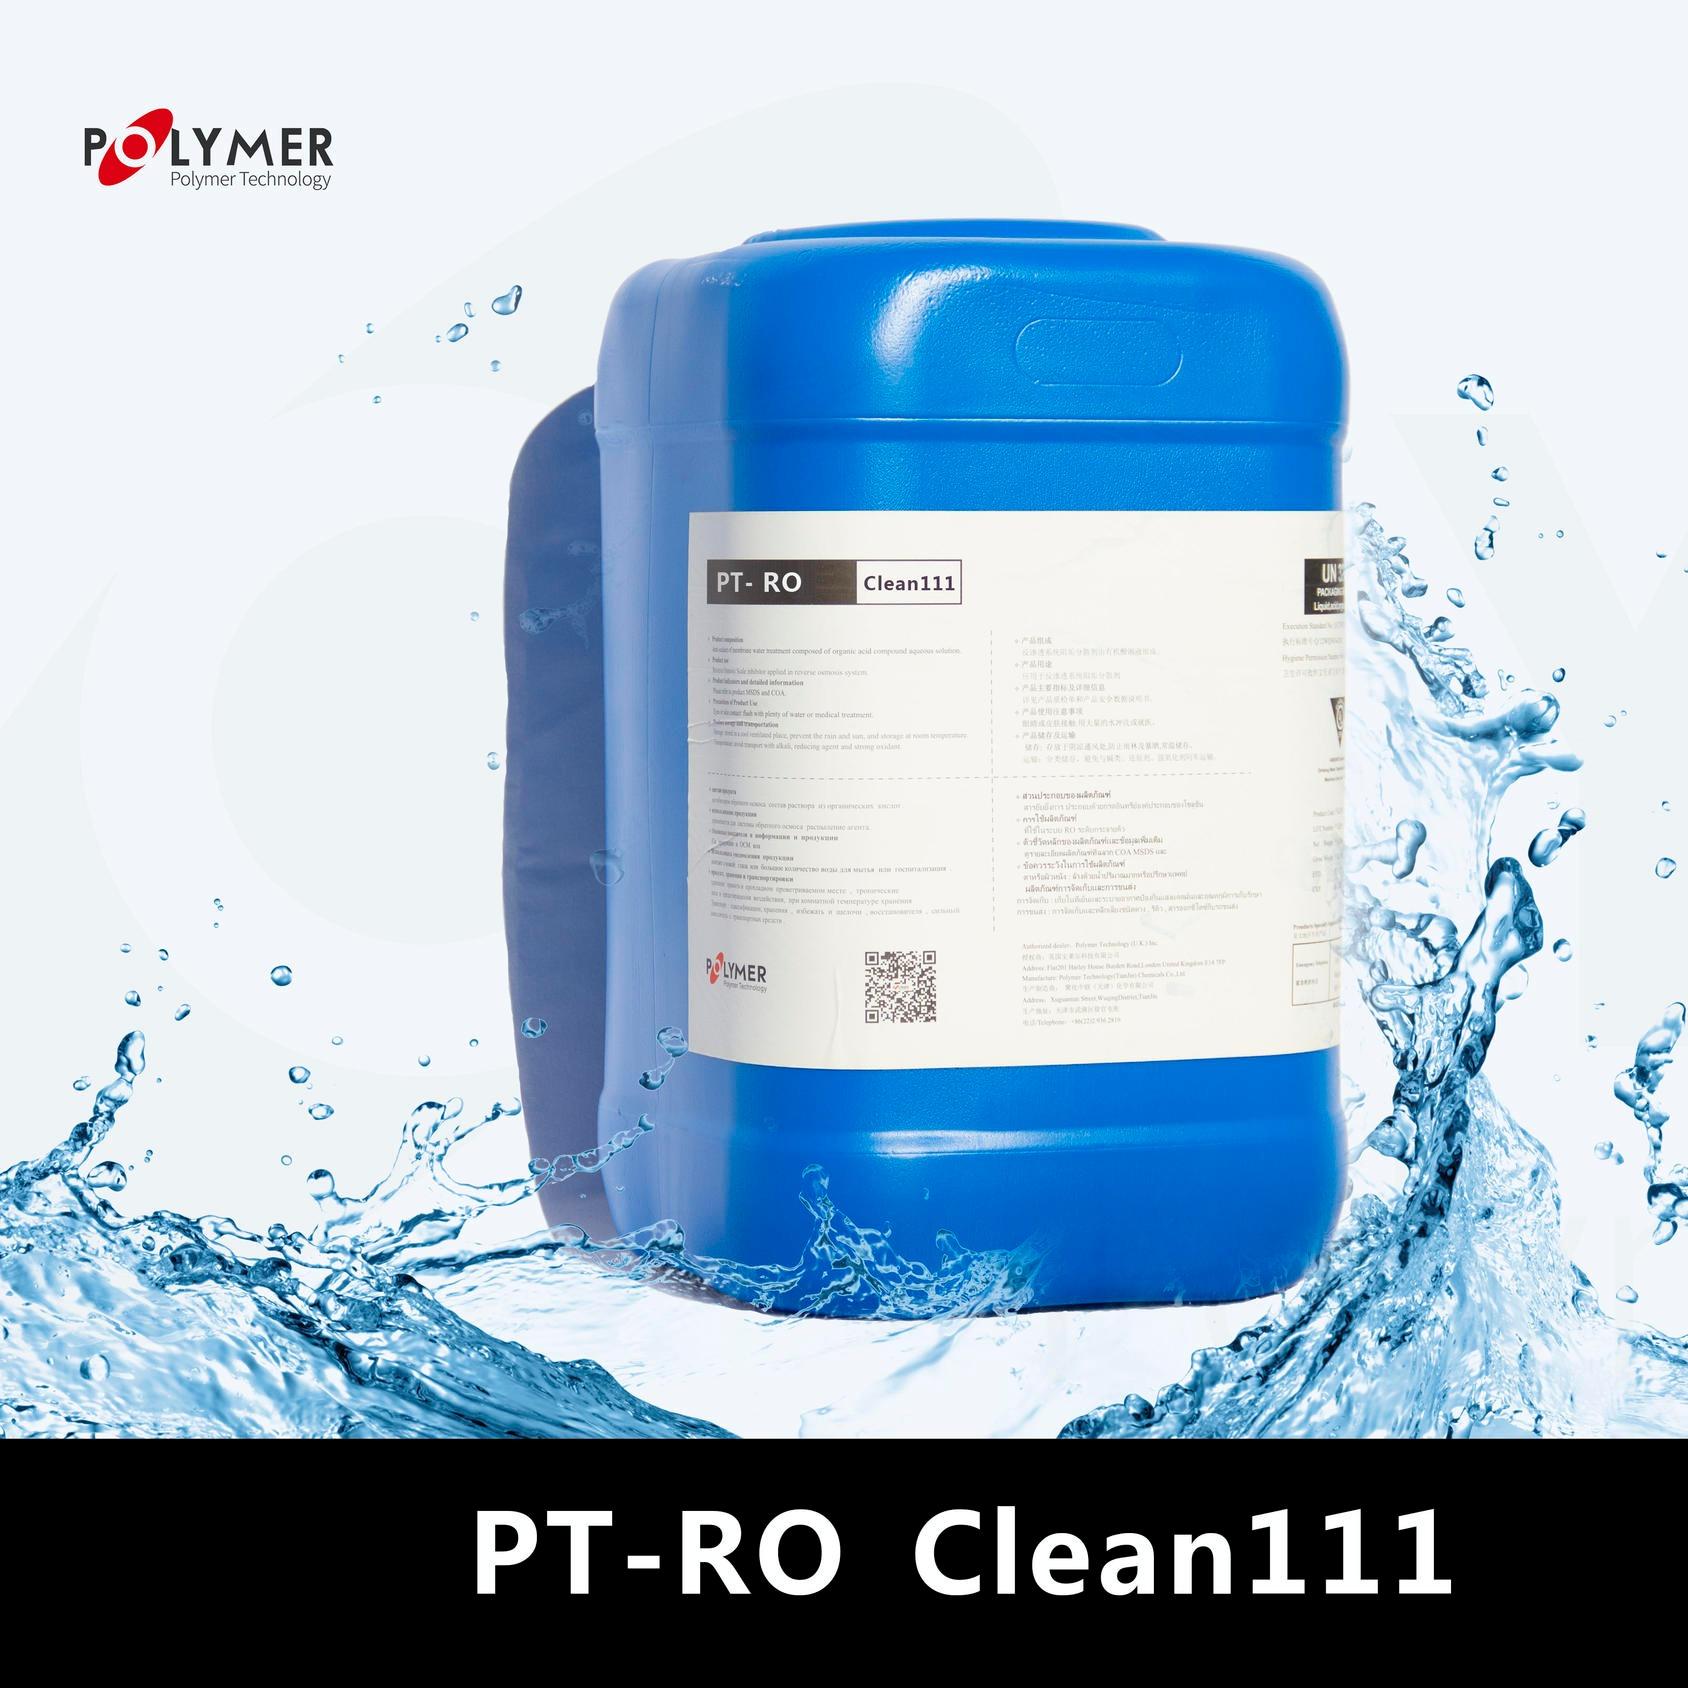 宝莱尔 反渗透酸性清洗剂 PT-RO Clean111  低pH值的液体配方 厂家直供 英国POLYMER品牌 价格详谈